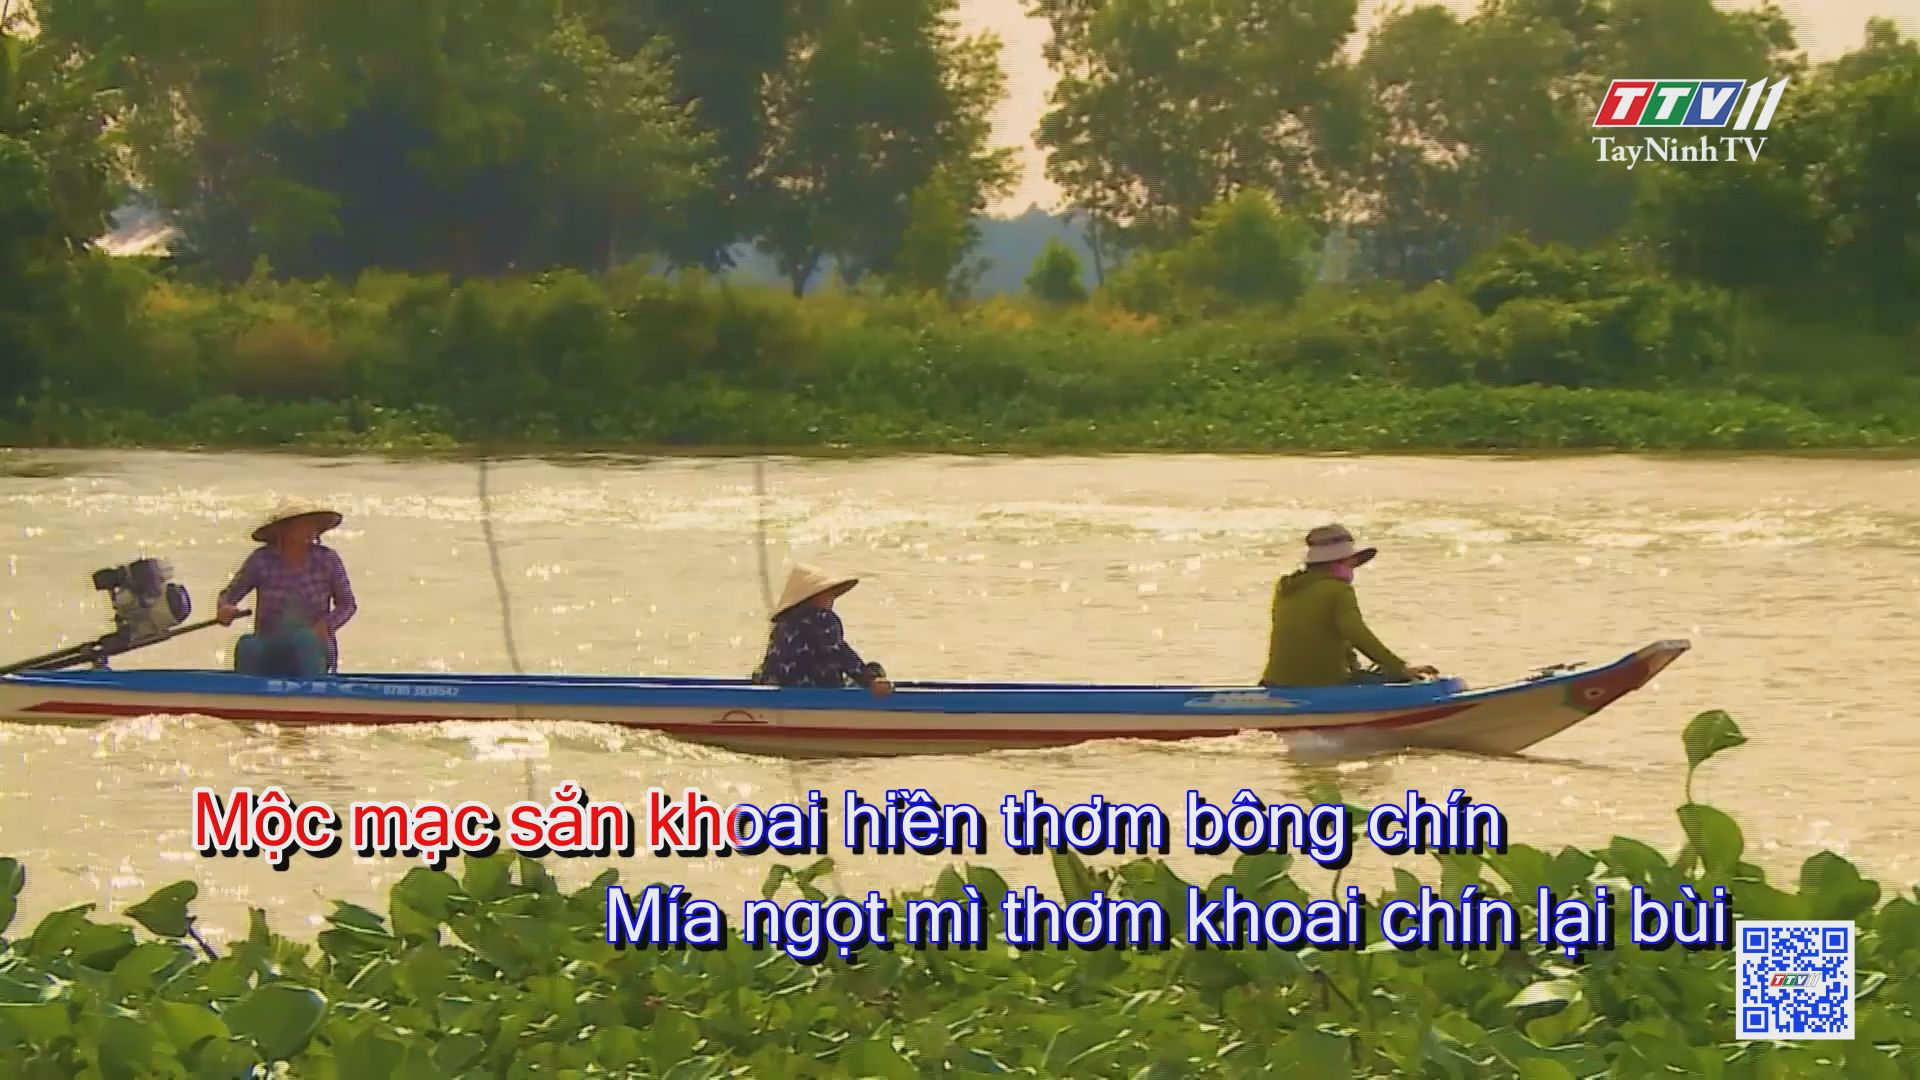 Ai có về Tây Ninh KARAOKE | Tuyển tập karaoke Tây Ninh tình yêu trong tôi-TRAILER | TayNinhTV